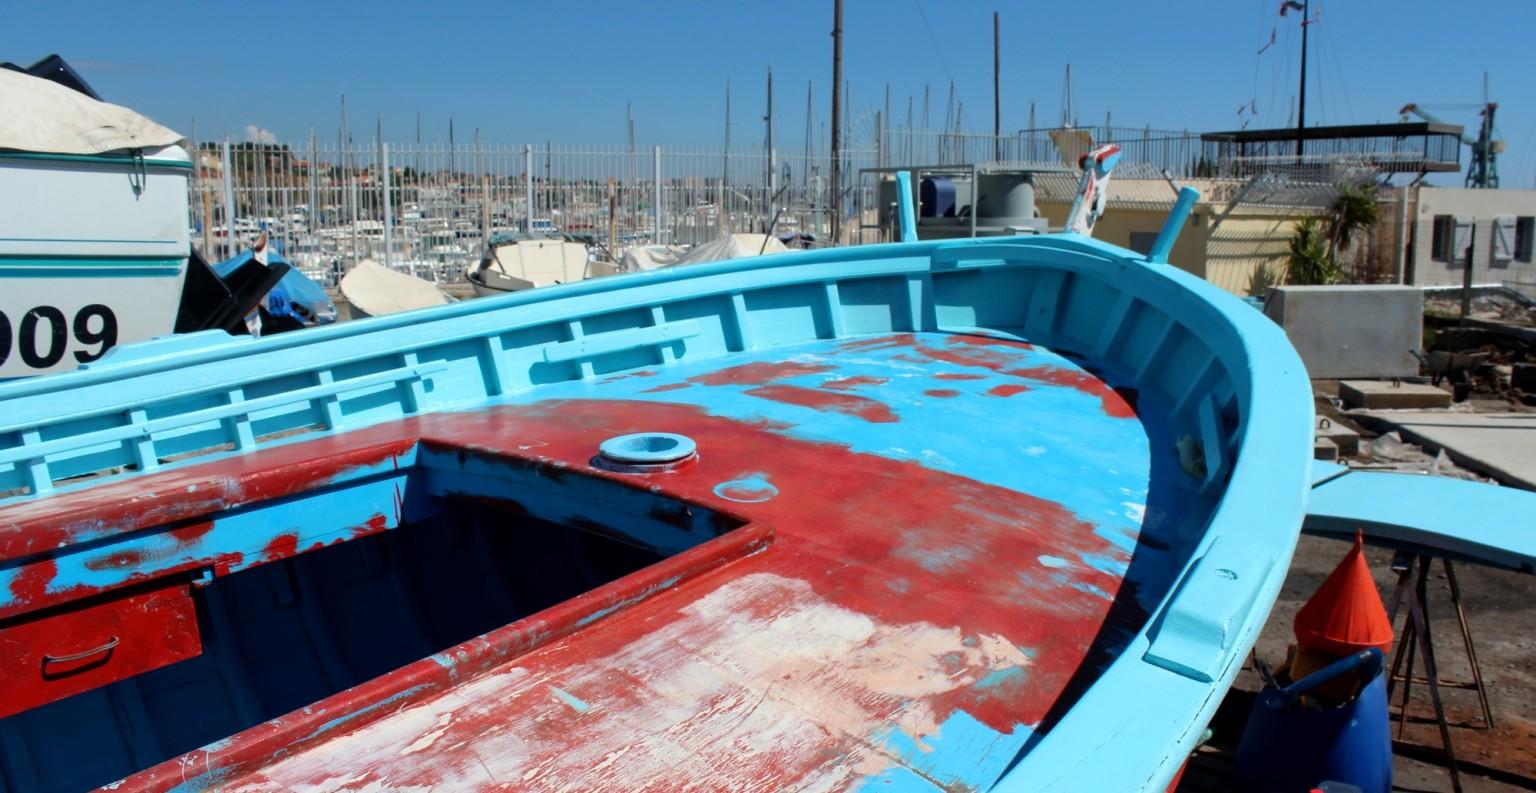 L'Espadon en restauration à la Société Nautique de l'Estaque à Marseille. ©AL